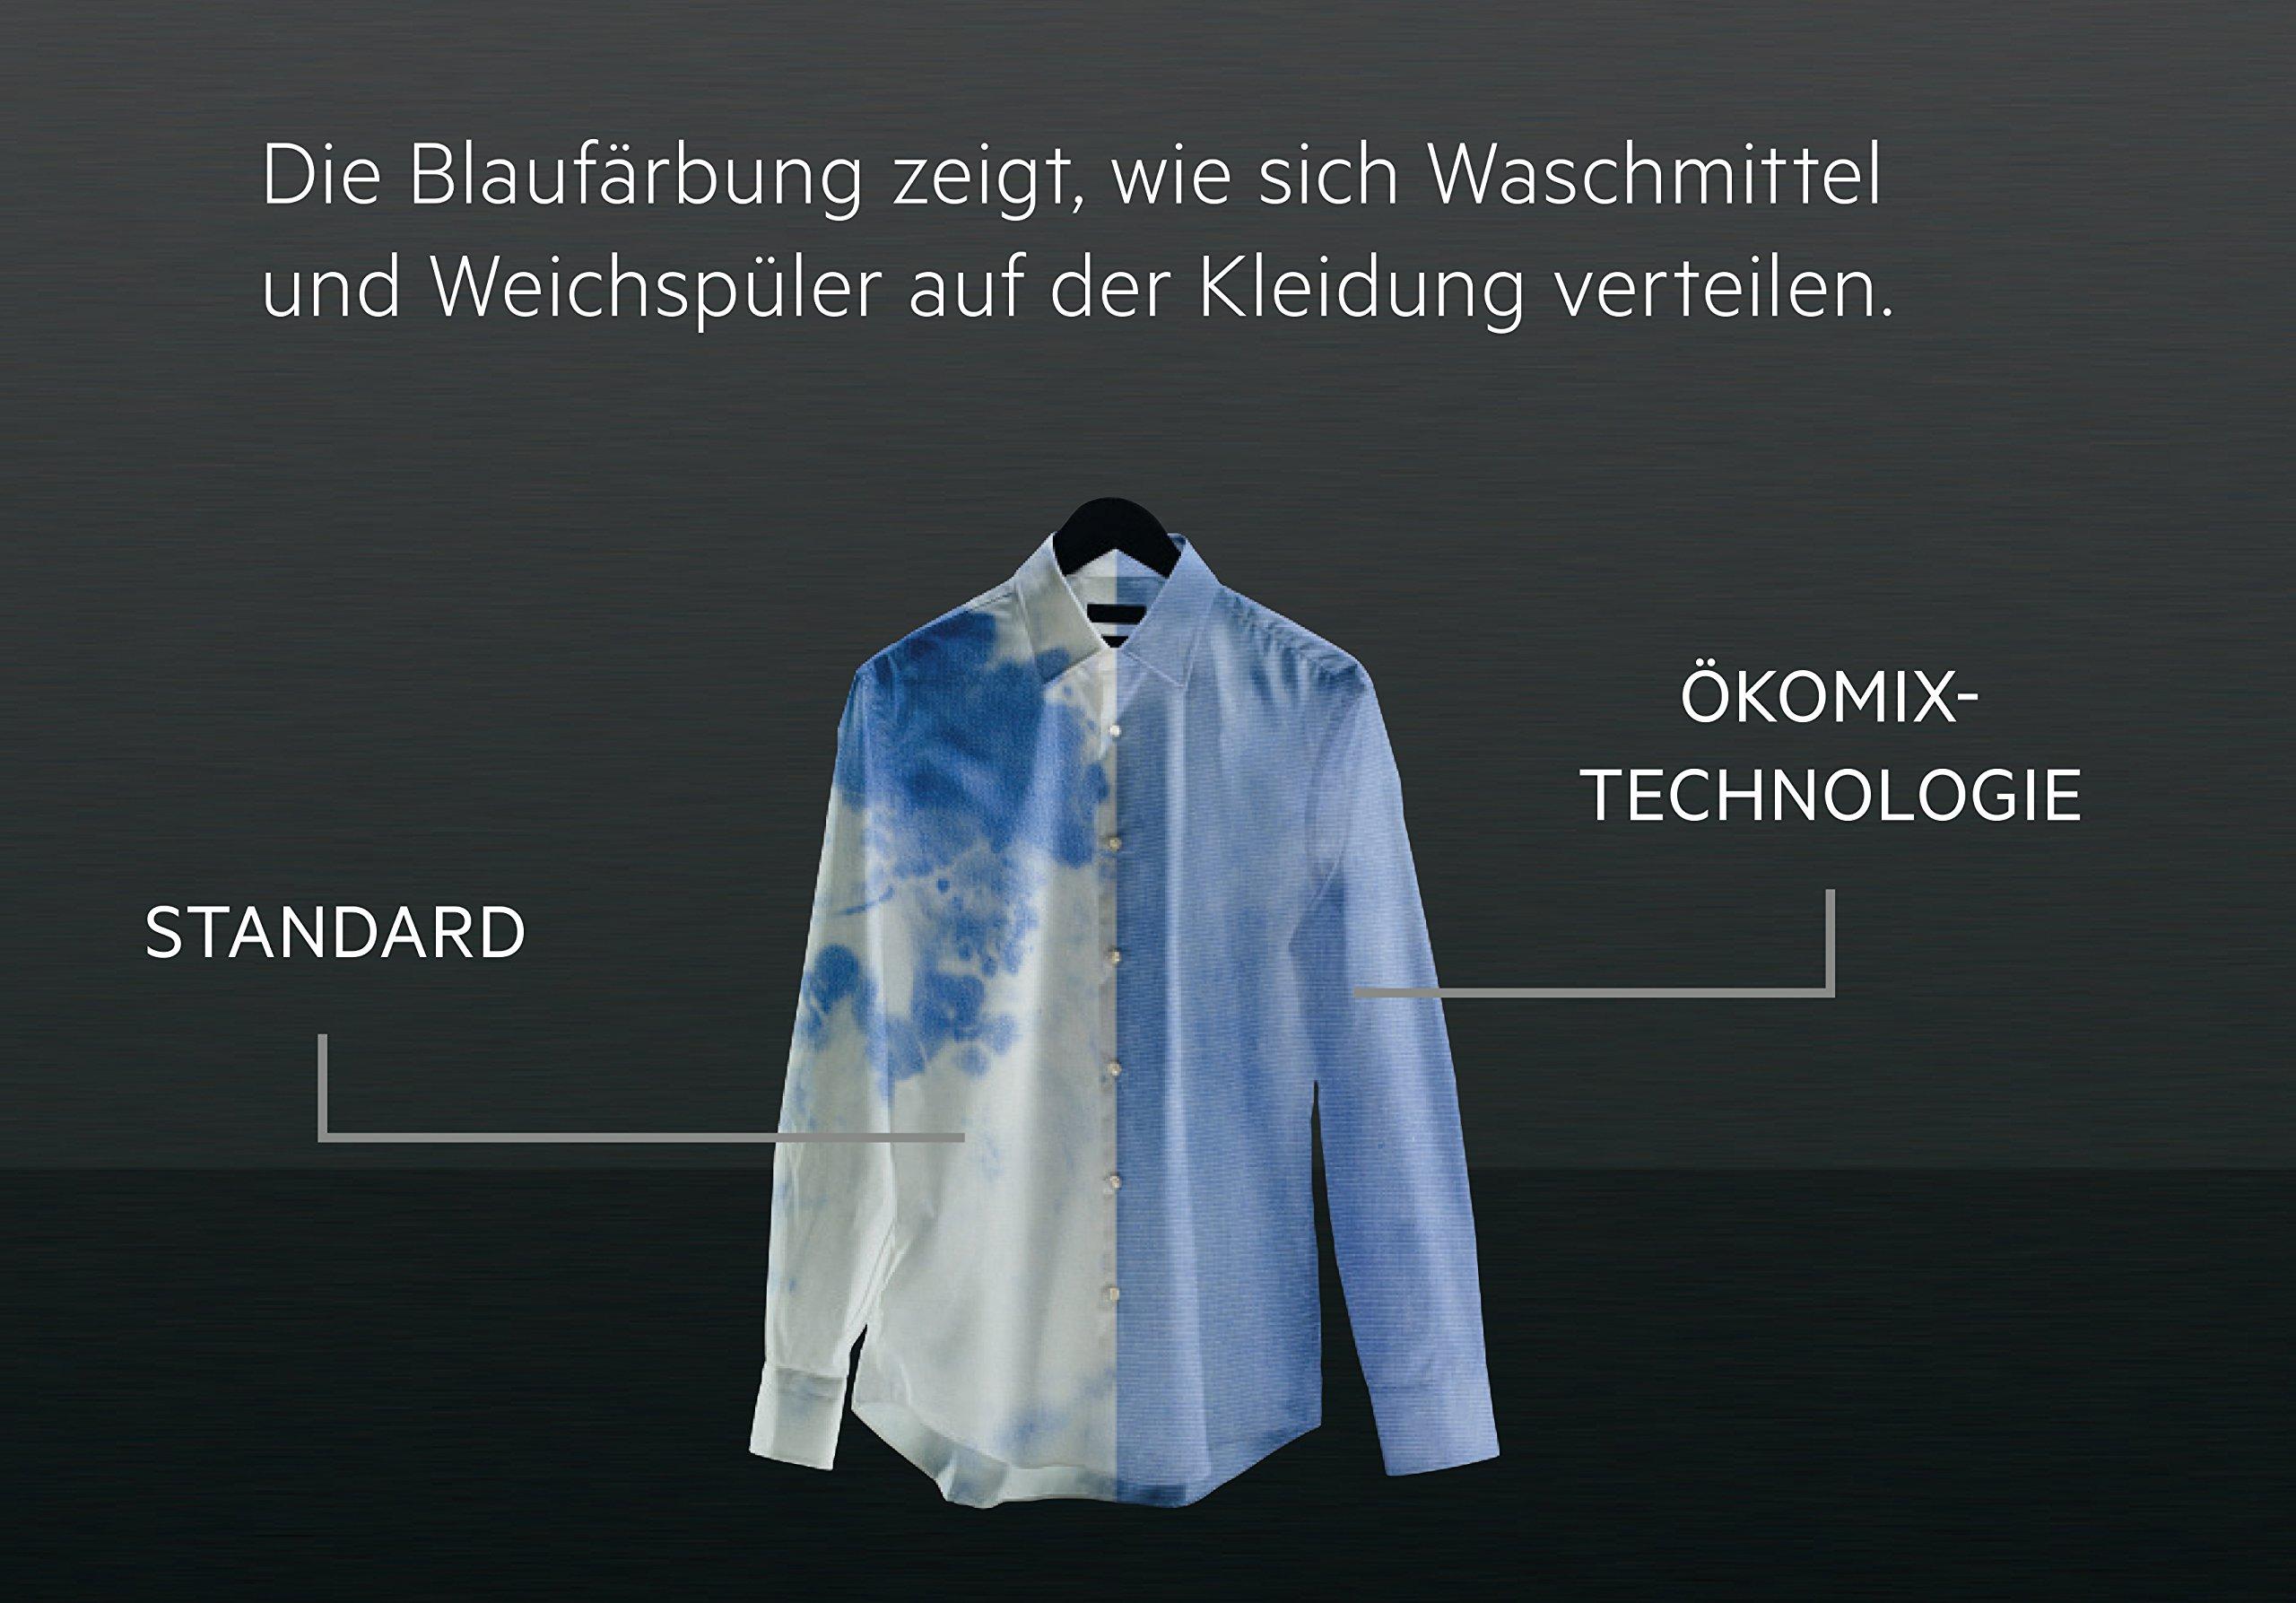 AEG-L8FE86484-Waschmaschine-1400-Umin-80-kg-koMix-Faserschutz-ProSteam-Knitterschutz-Mengenautomatik-Nachlegefunktion-Kindersicherung-Schontrommel-Wasserstopp